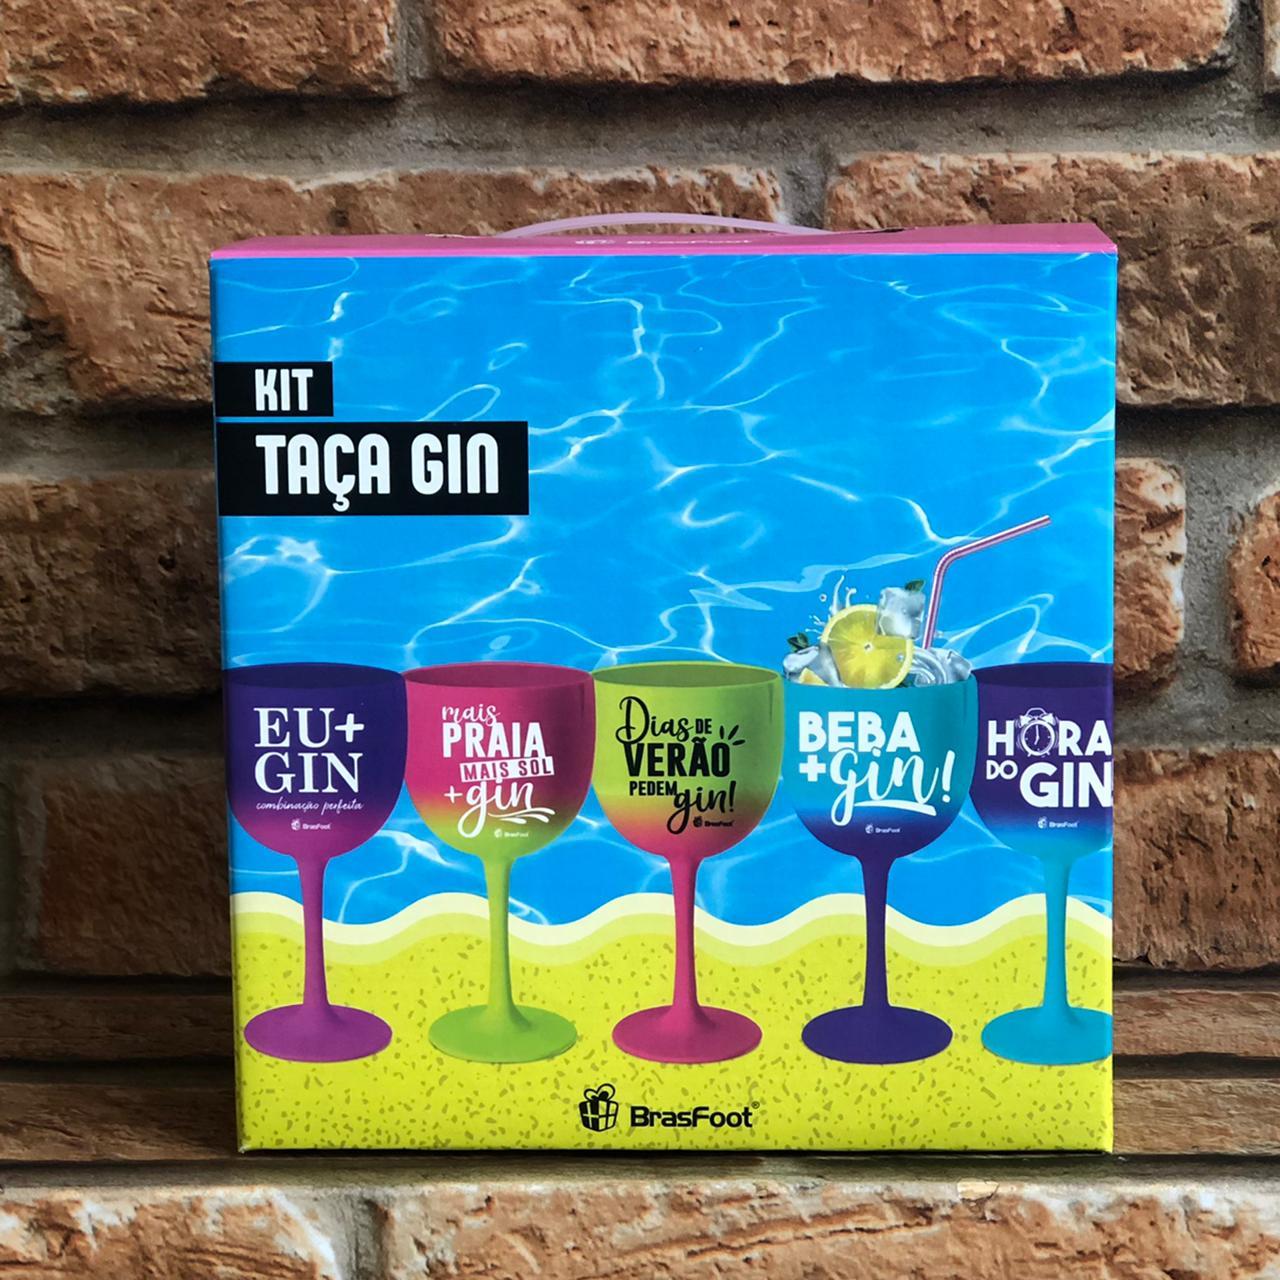 Kit Taça Gin 580ml Degradê Cores